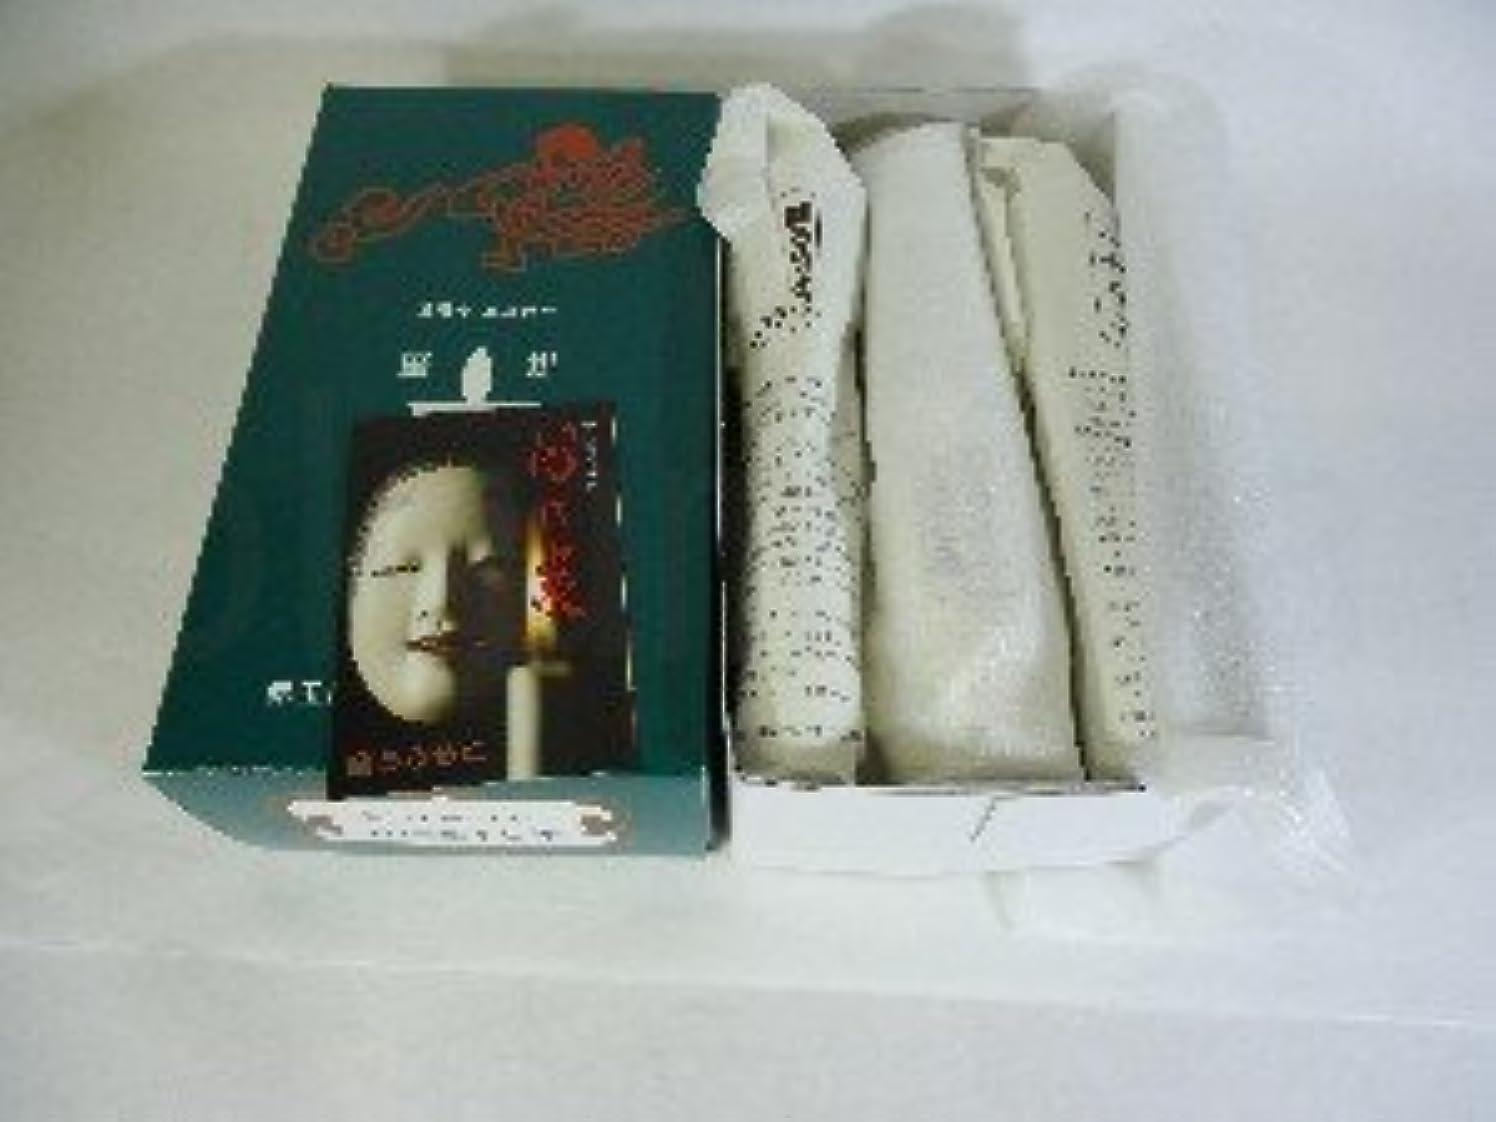 貢献するセレナ人種和ろうそく 型和蝋燭 ローソク イカリ 20号 白 6本入り 約17センチ 約3時間30分燃焼